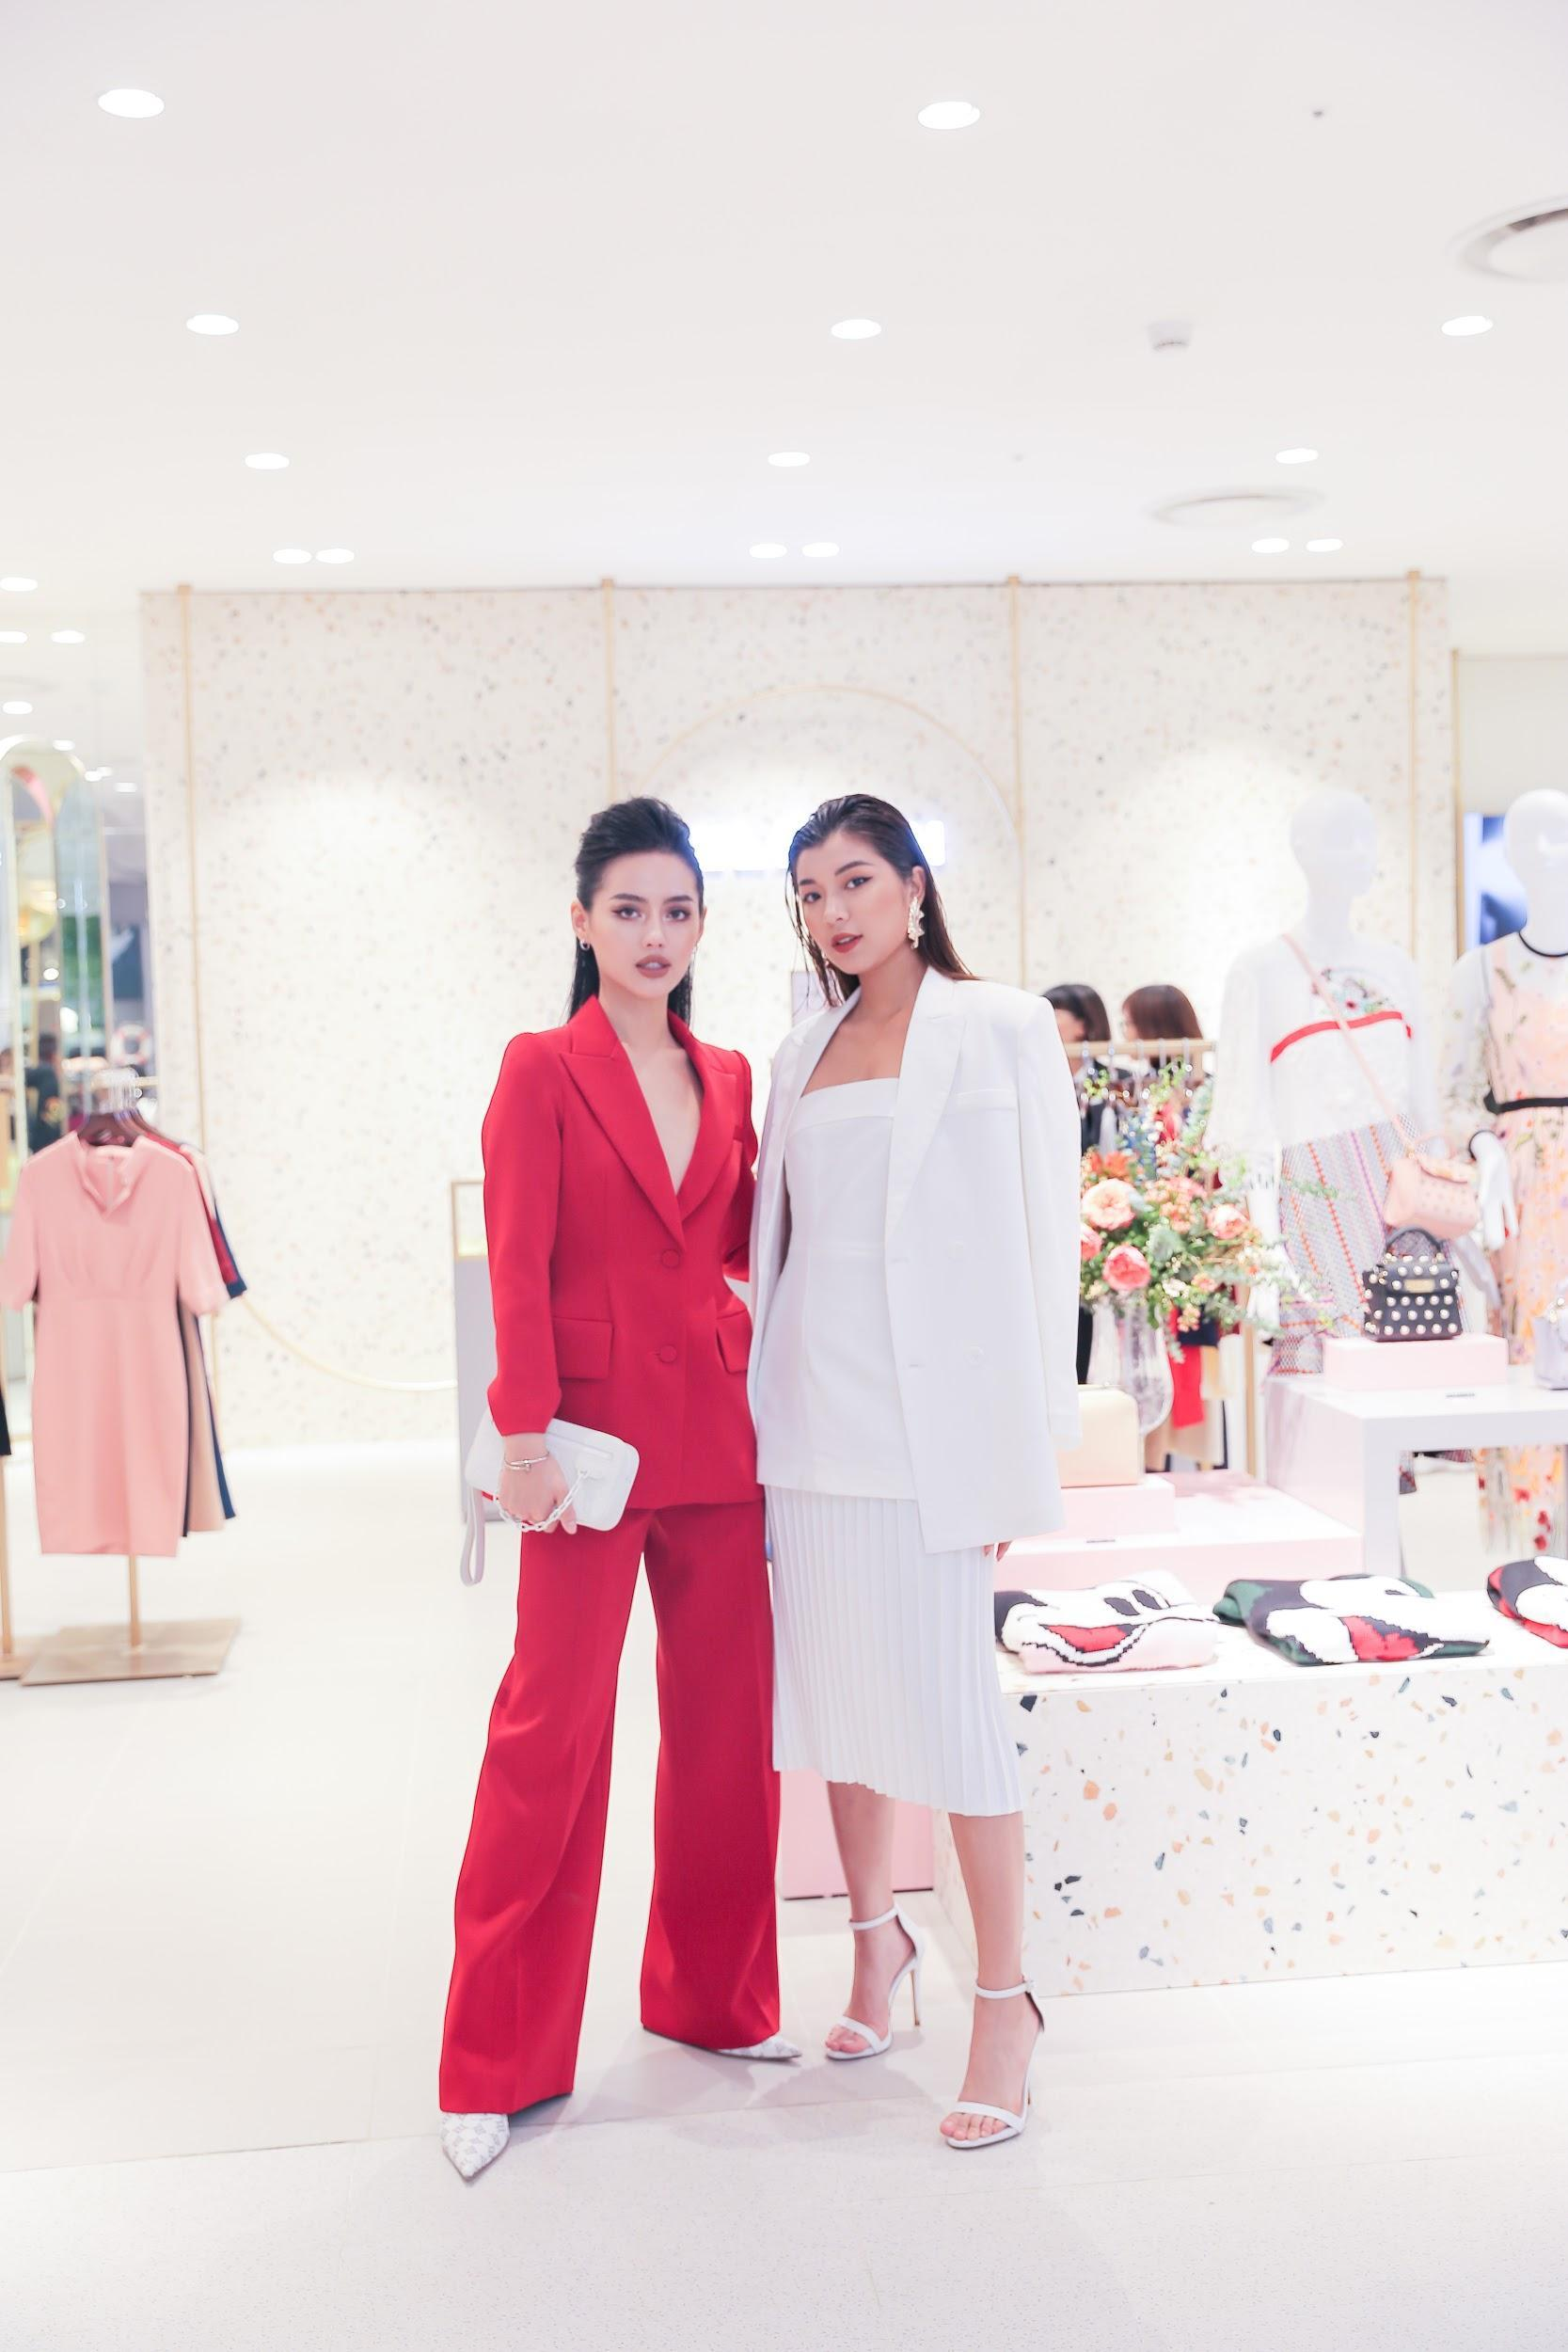 """Cặp đôi The Face Đồng Ánh Quỳnh, Khánh Linh hội ngộ, hoá thân thành đôi """"soái tỷ rủ nhau đi mua sắm - Ảnh 7."""